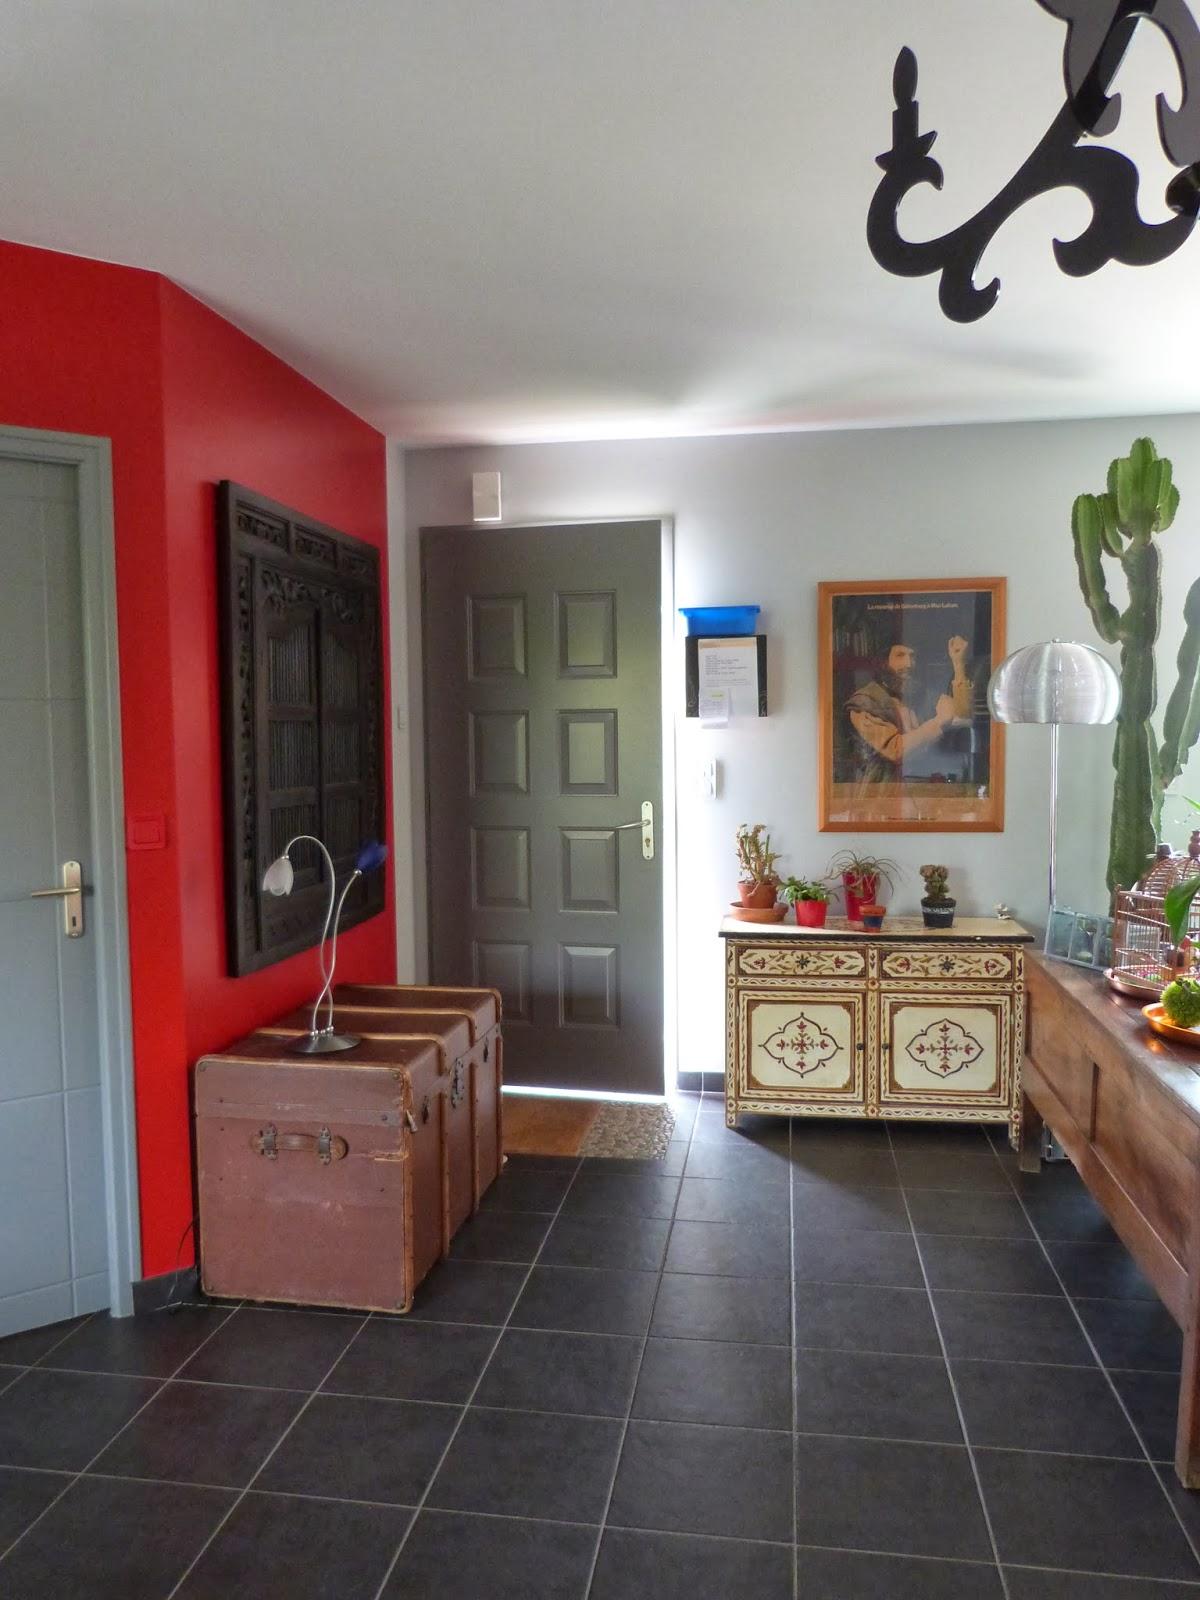 peinture maison neuve cheap pour la maison belle lgante et confortable vous avez besoin duun. Black Bedroom Furniture Sets. Home Design Ideas